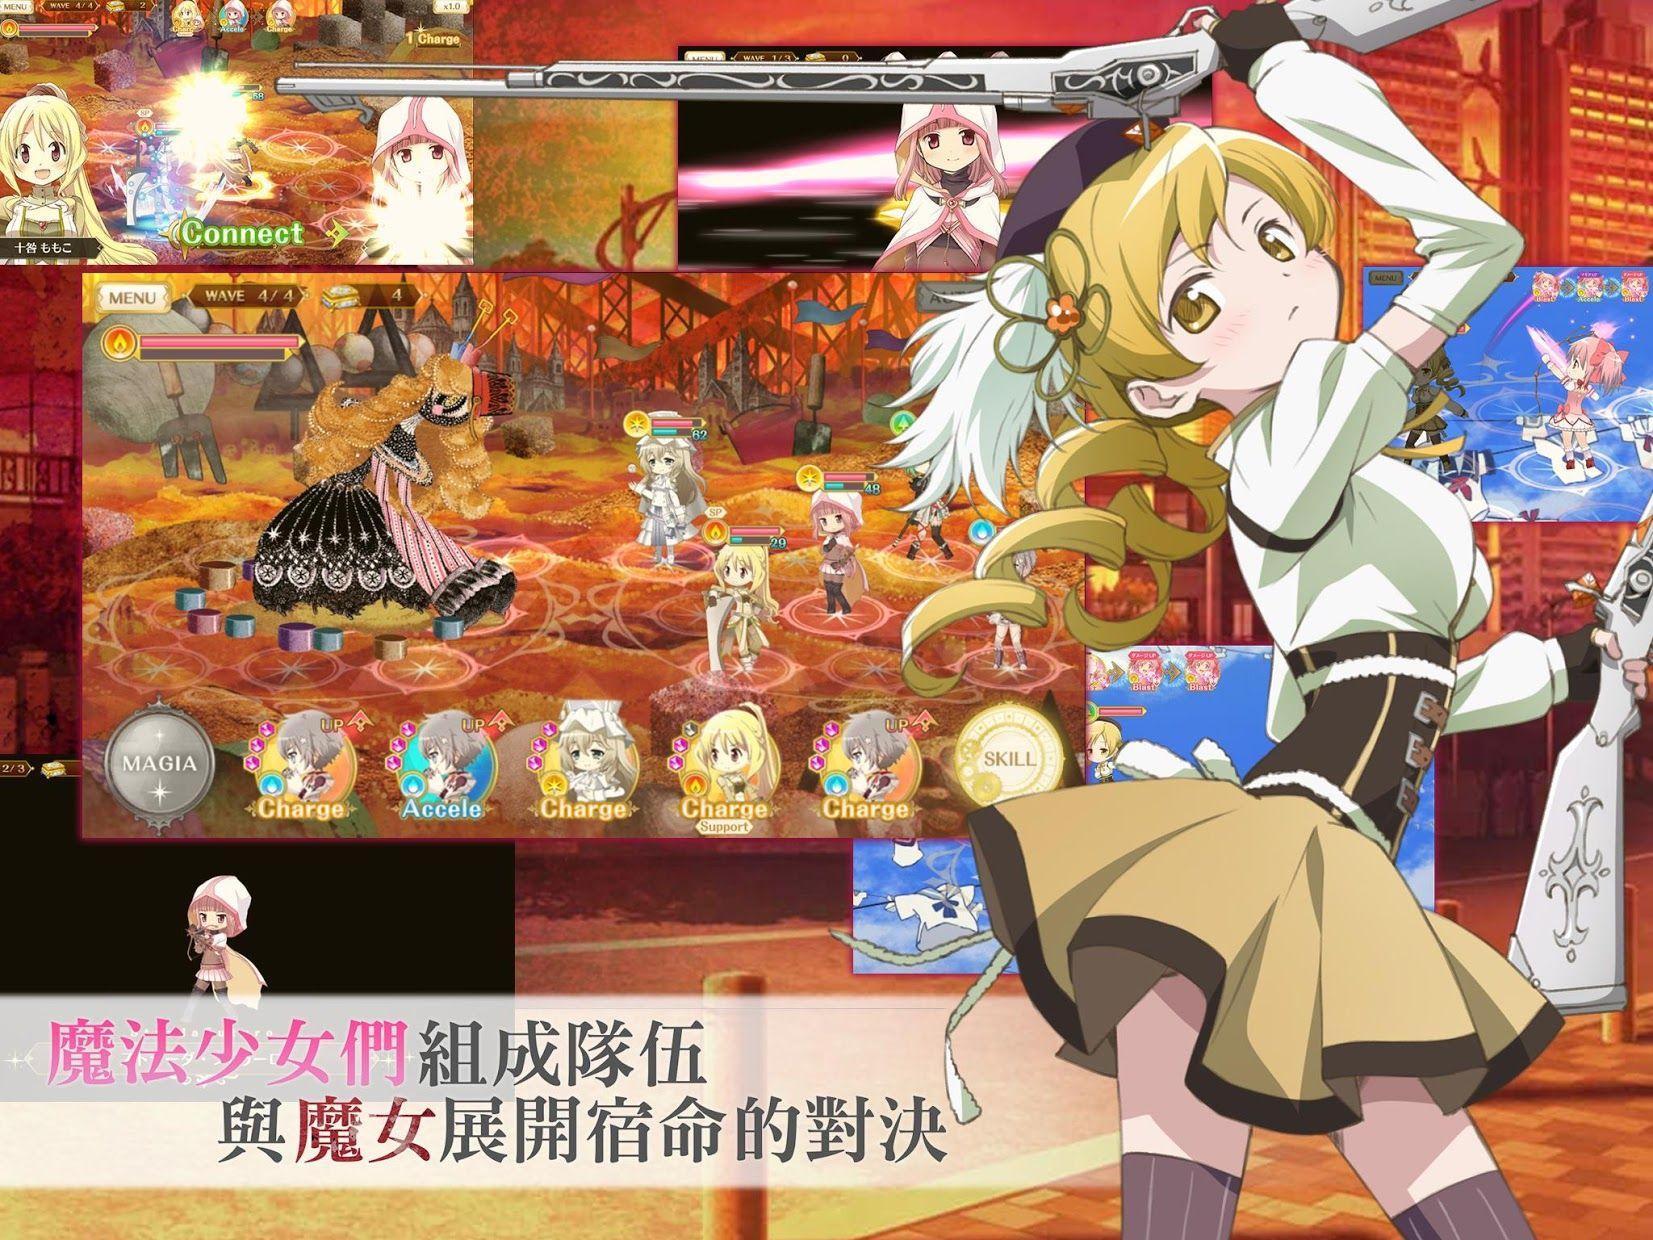 魔法纪录:魔法少女小圆外传(台服) 游戏截图2